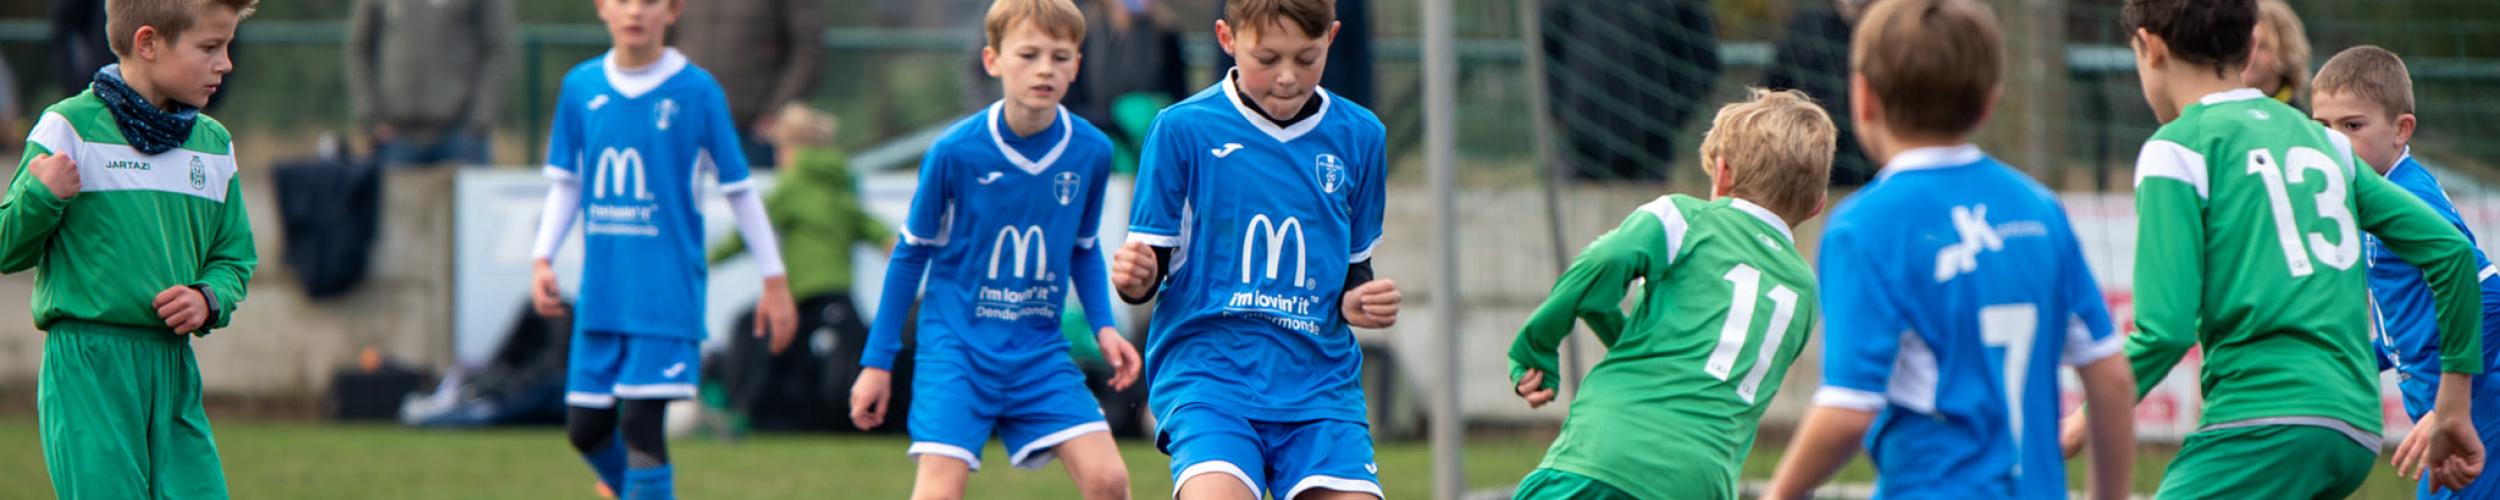 Nieuwe jeugdspelers seizoen 2021-2022